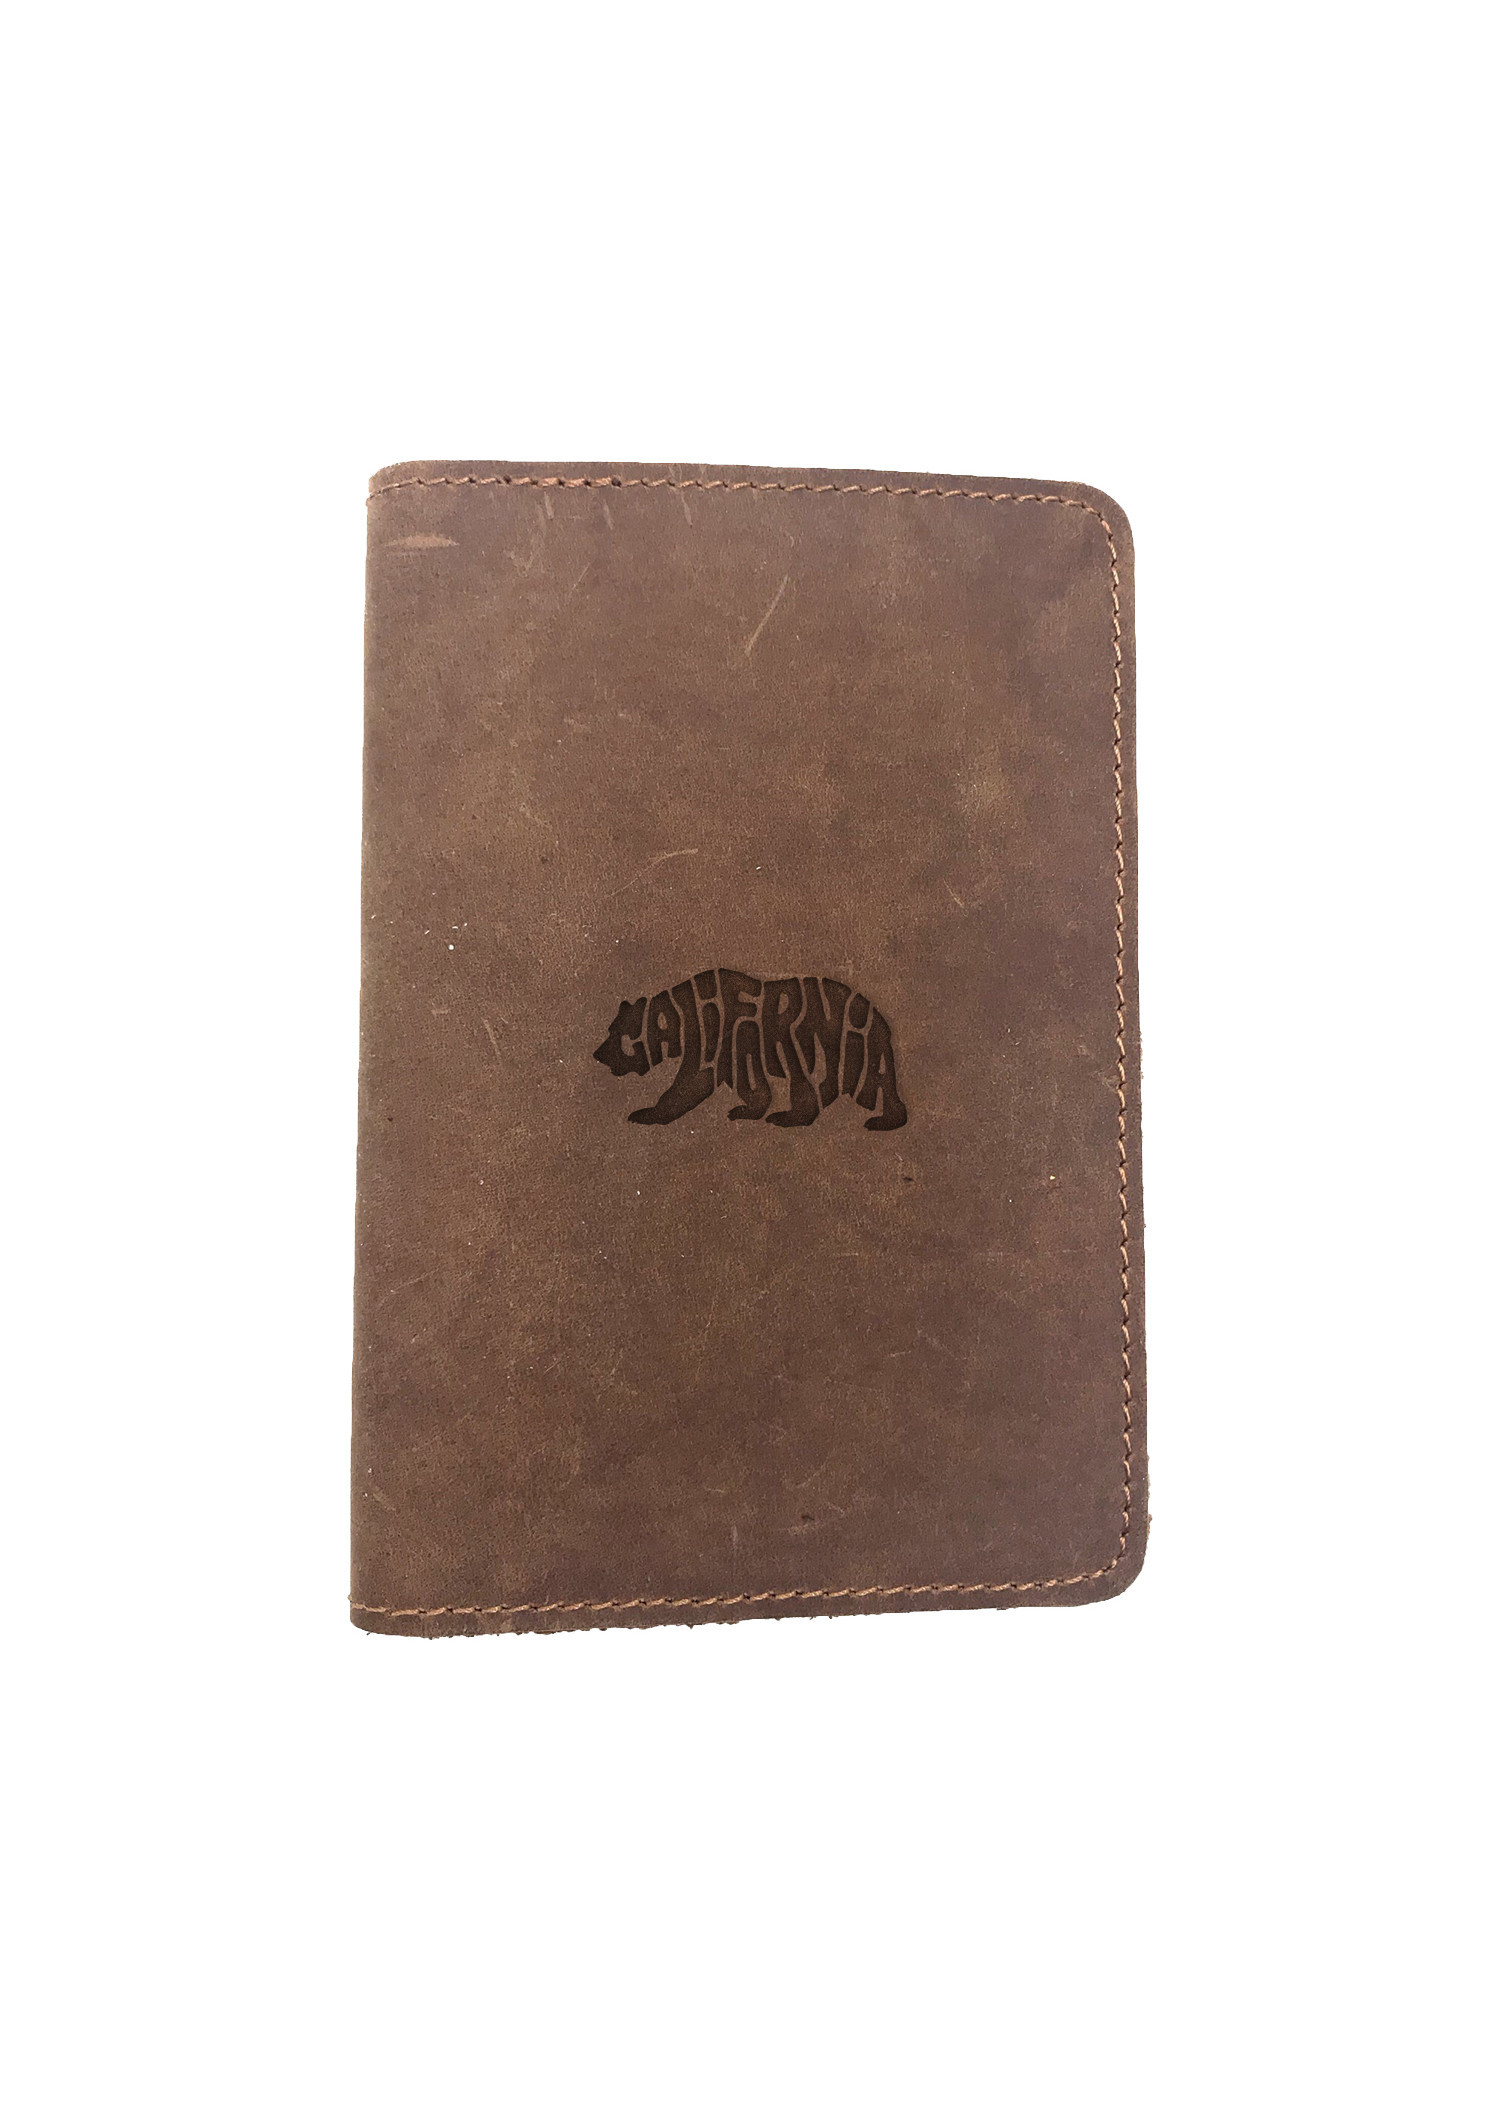 Passport Cover Bao Da Hộ Chiếu Da Sáp Khắc Hình Gấu CALIFORNIA BEAR STENCIL (BROWN)